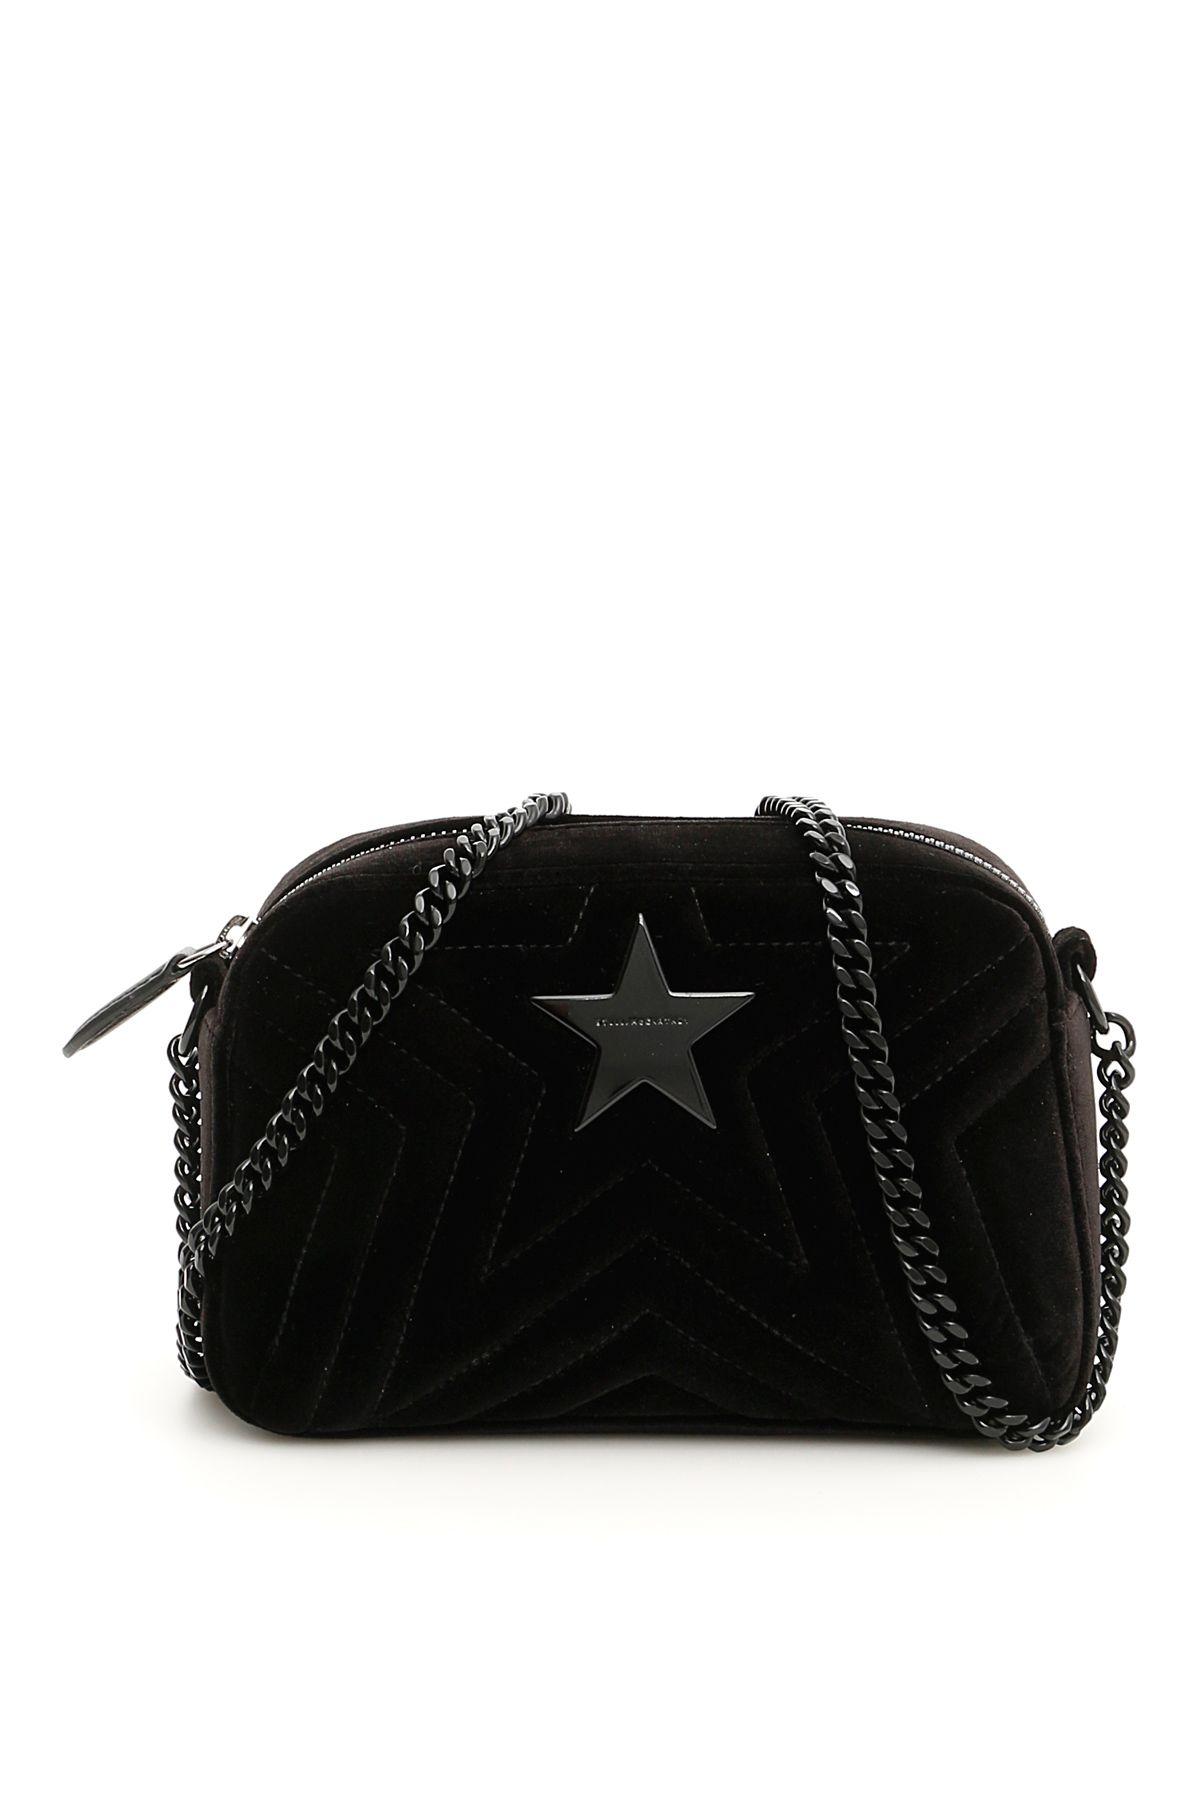 3540fb739d1 Stella Mccartney Quilted Velvet Stella Star Bag In Black   ModeSens